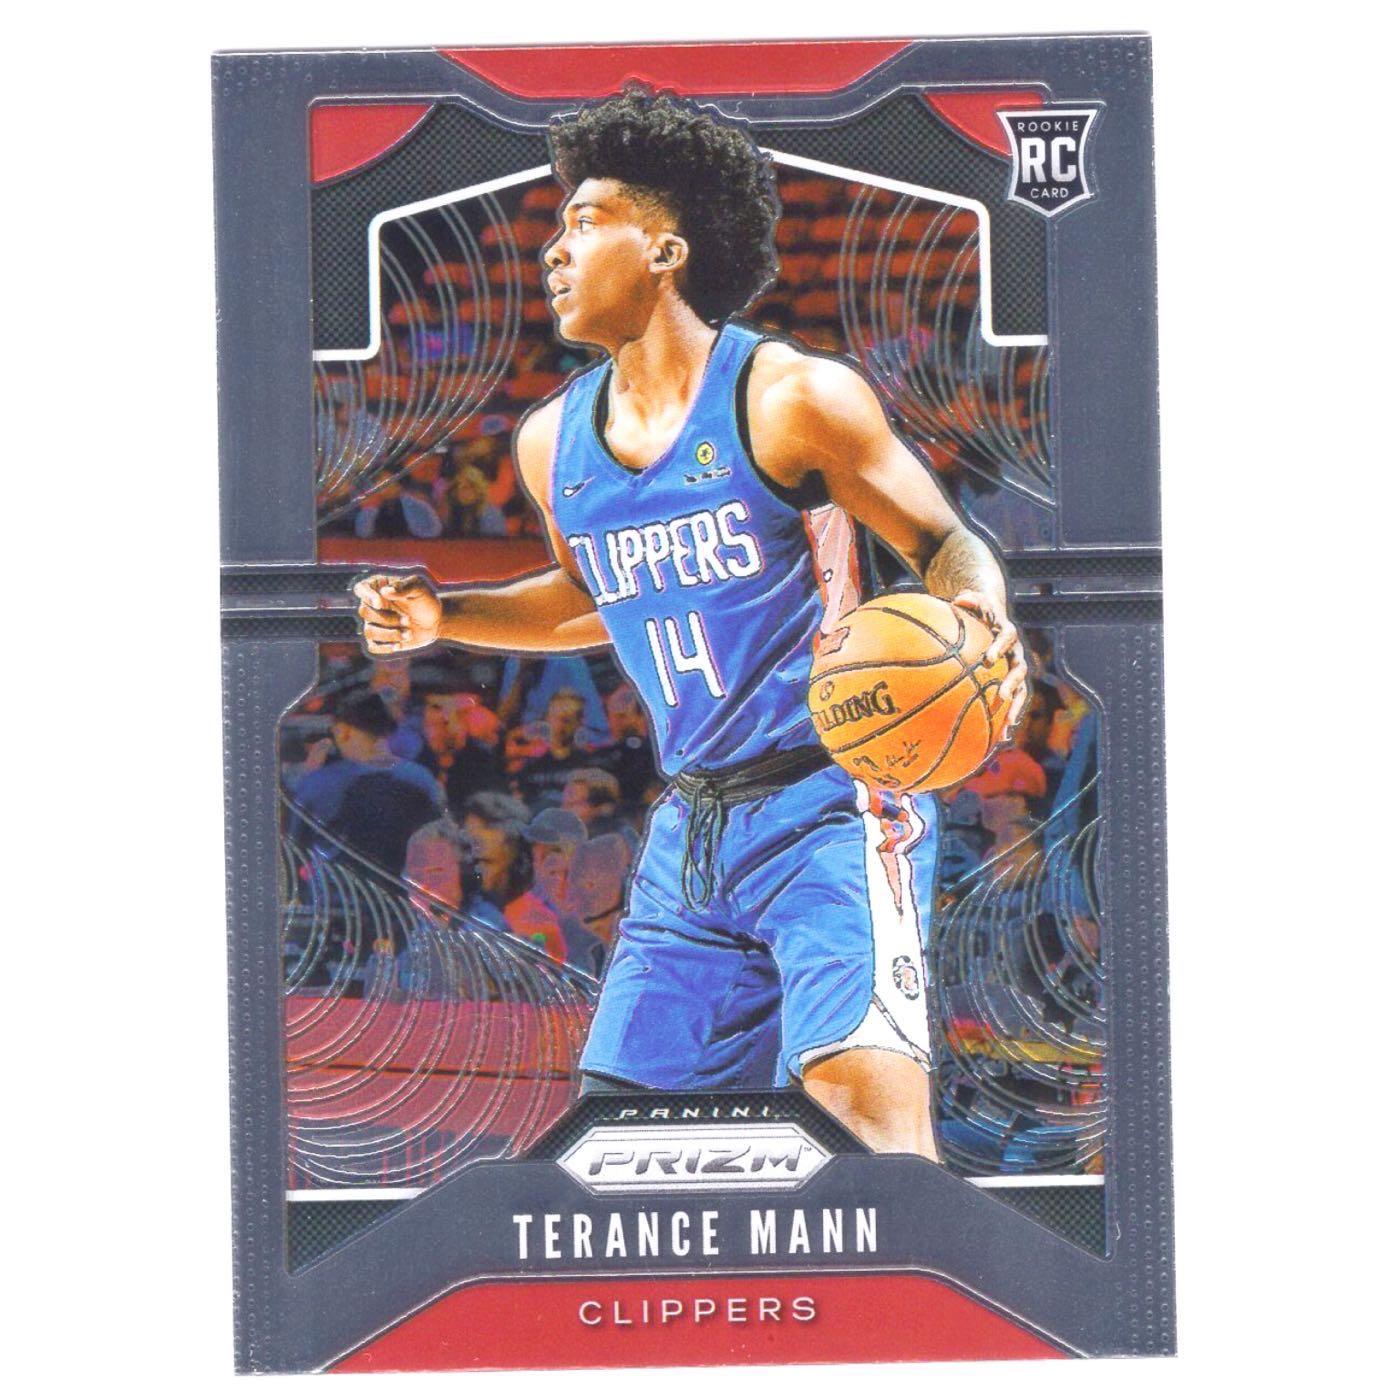 倒數15張!(RC) 快艇未來 Terance Mann 漲值保證Prizm Base Rookie系列新人RC金屬卡 2019-20 #296